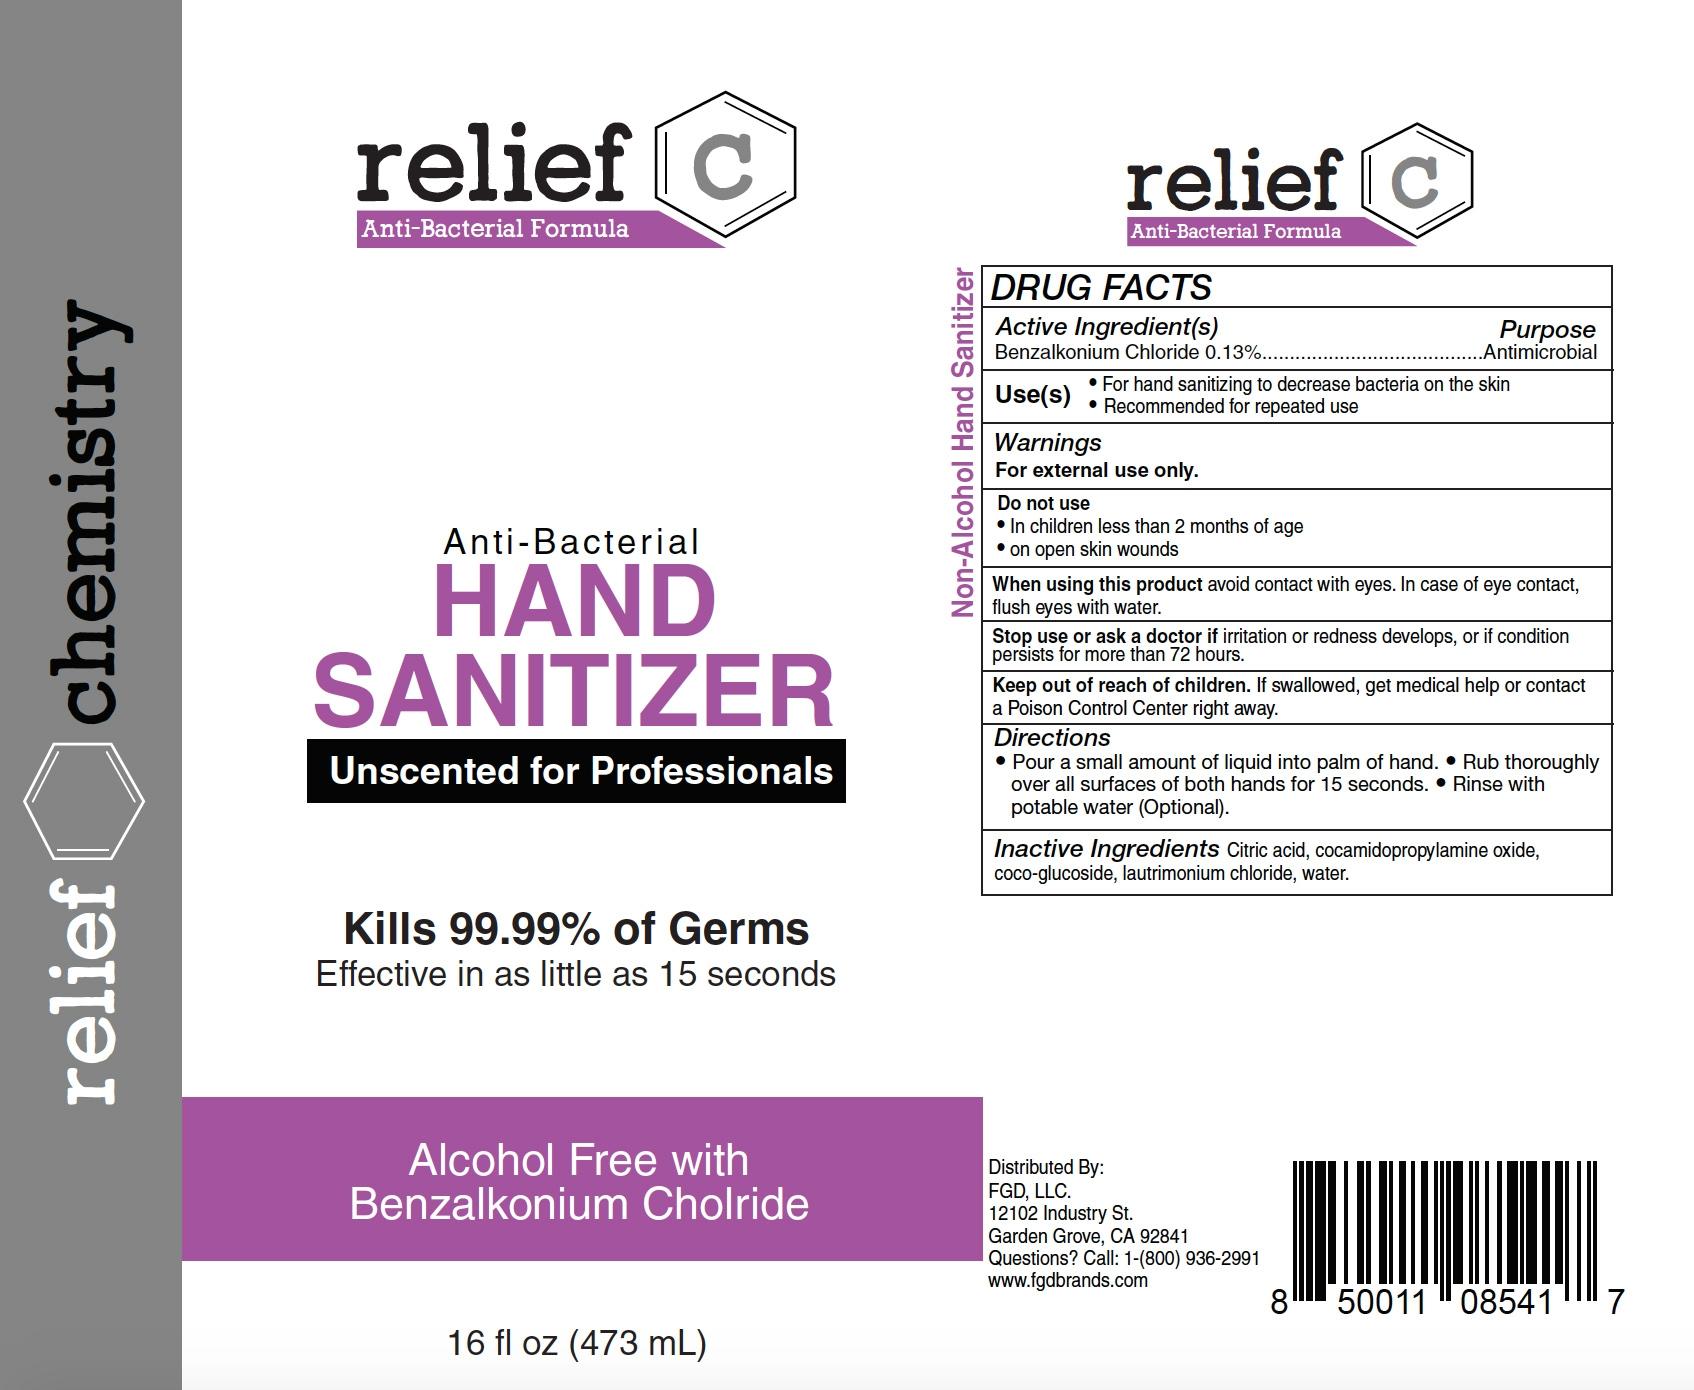 relief c hand sanitizer 473ml